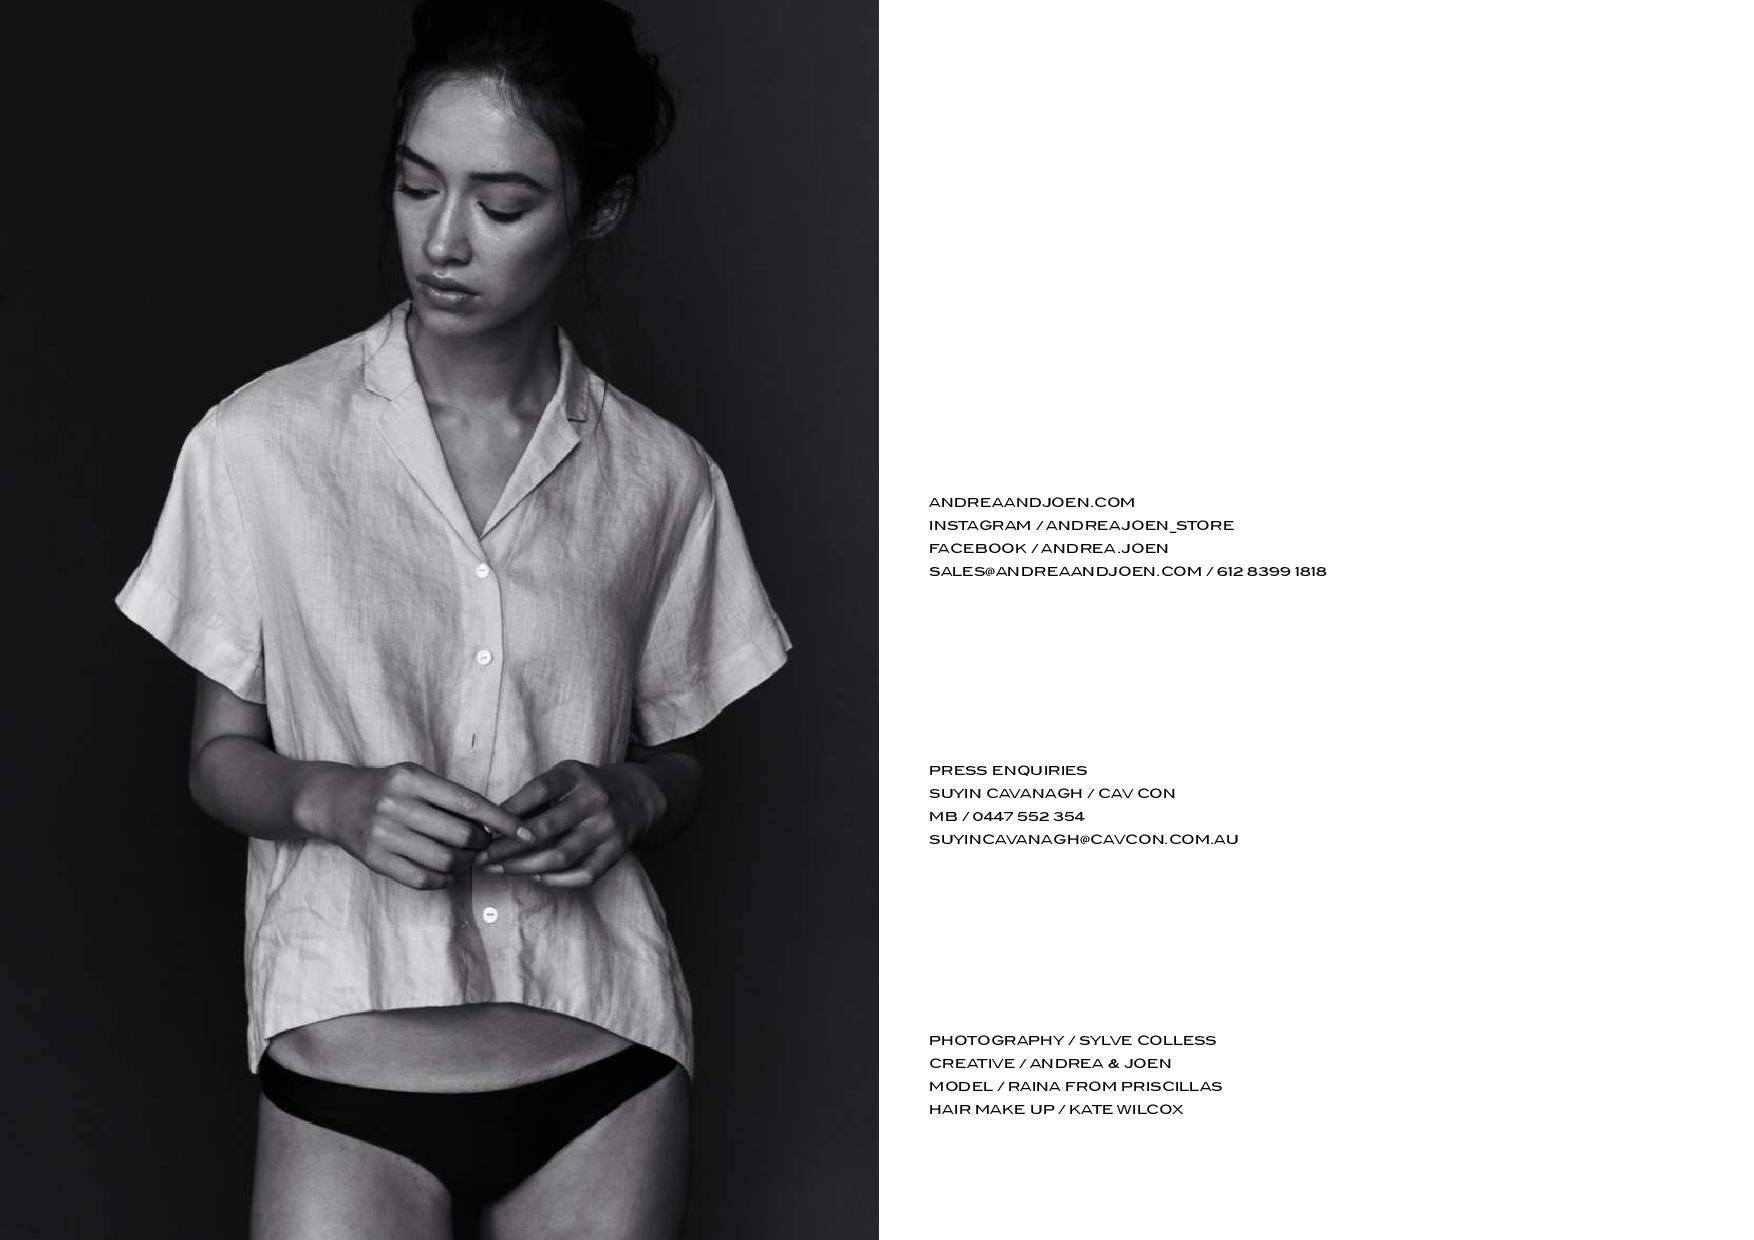 Andrea&Joen Lounge-page-008